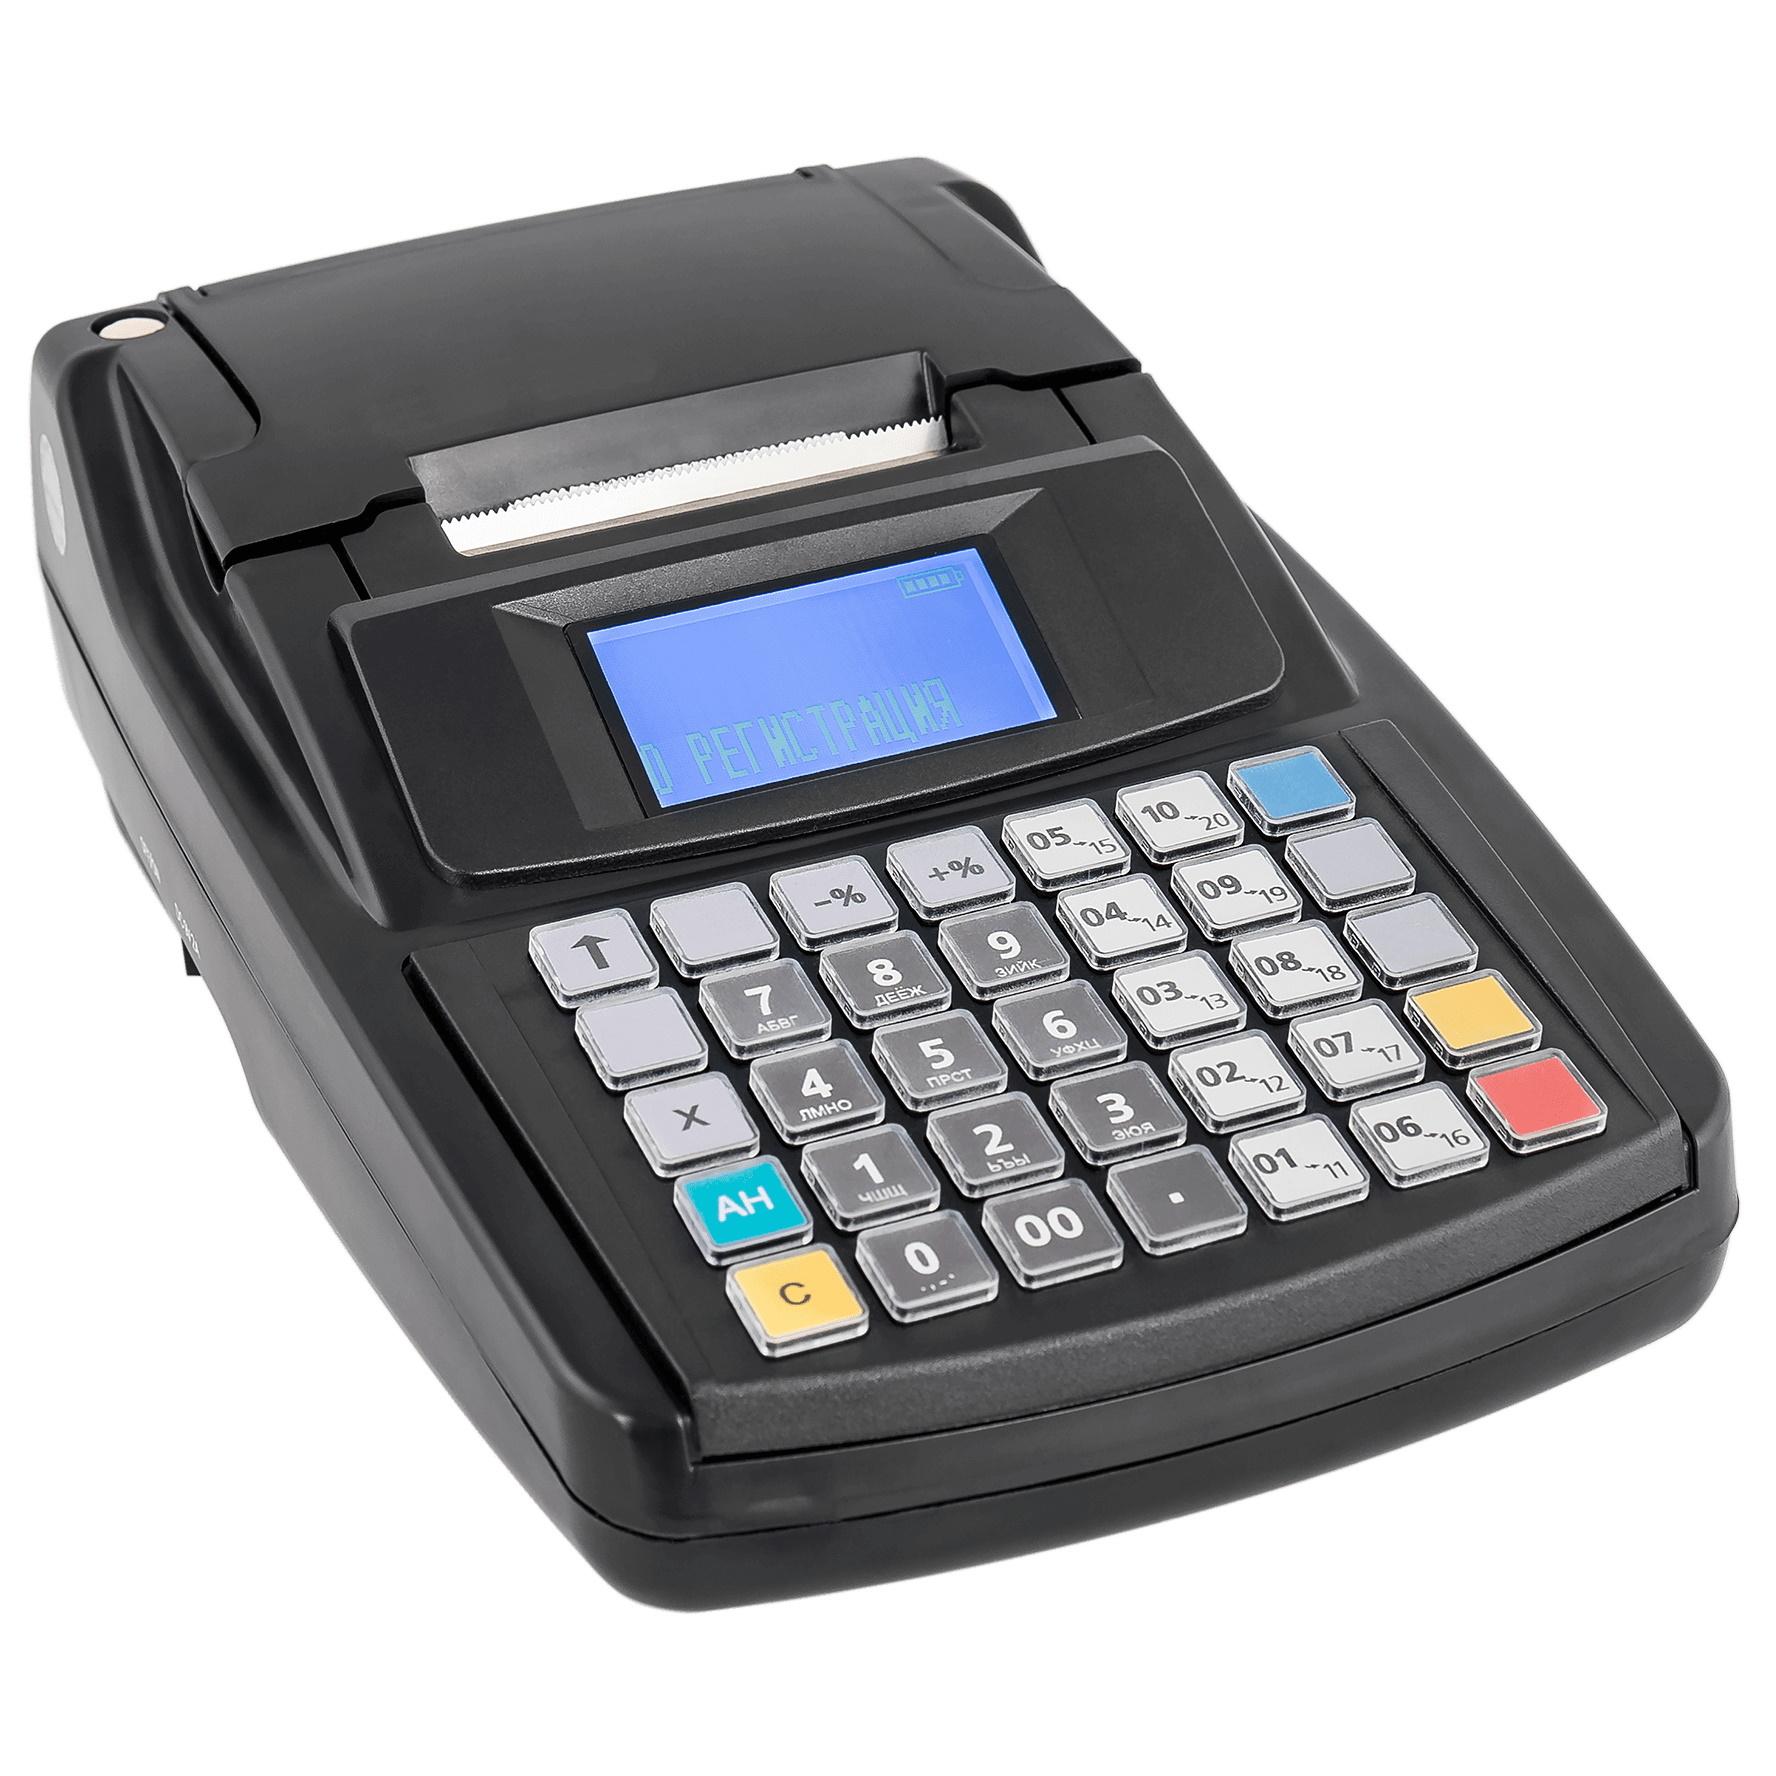 Купить Кассовый аппарат для ФОП (ФЛП)   Кассовые аппараты - Цена и характеристики